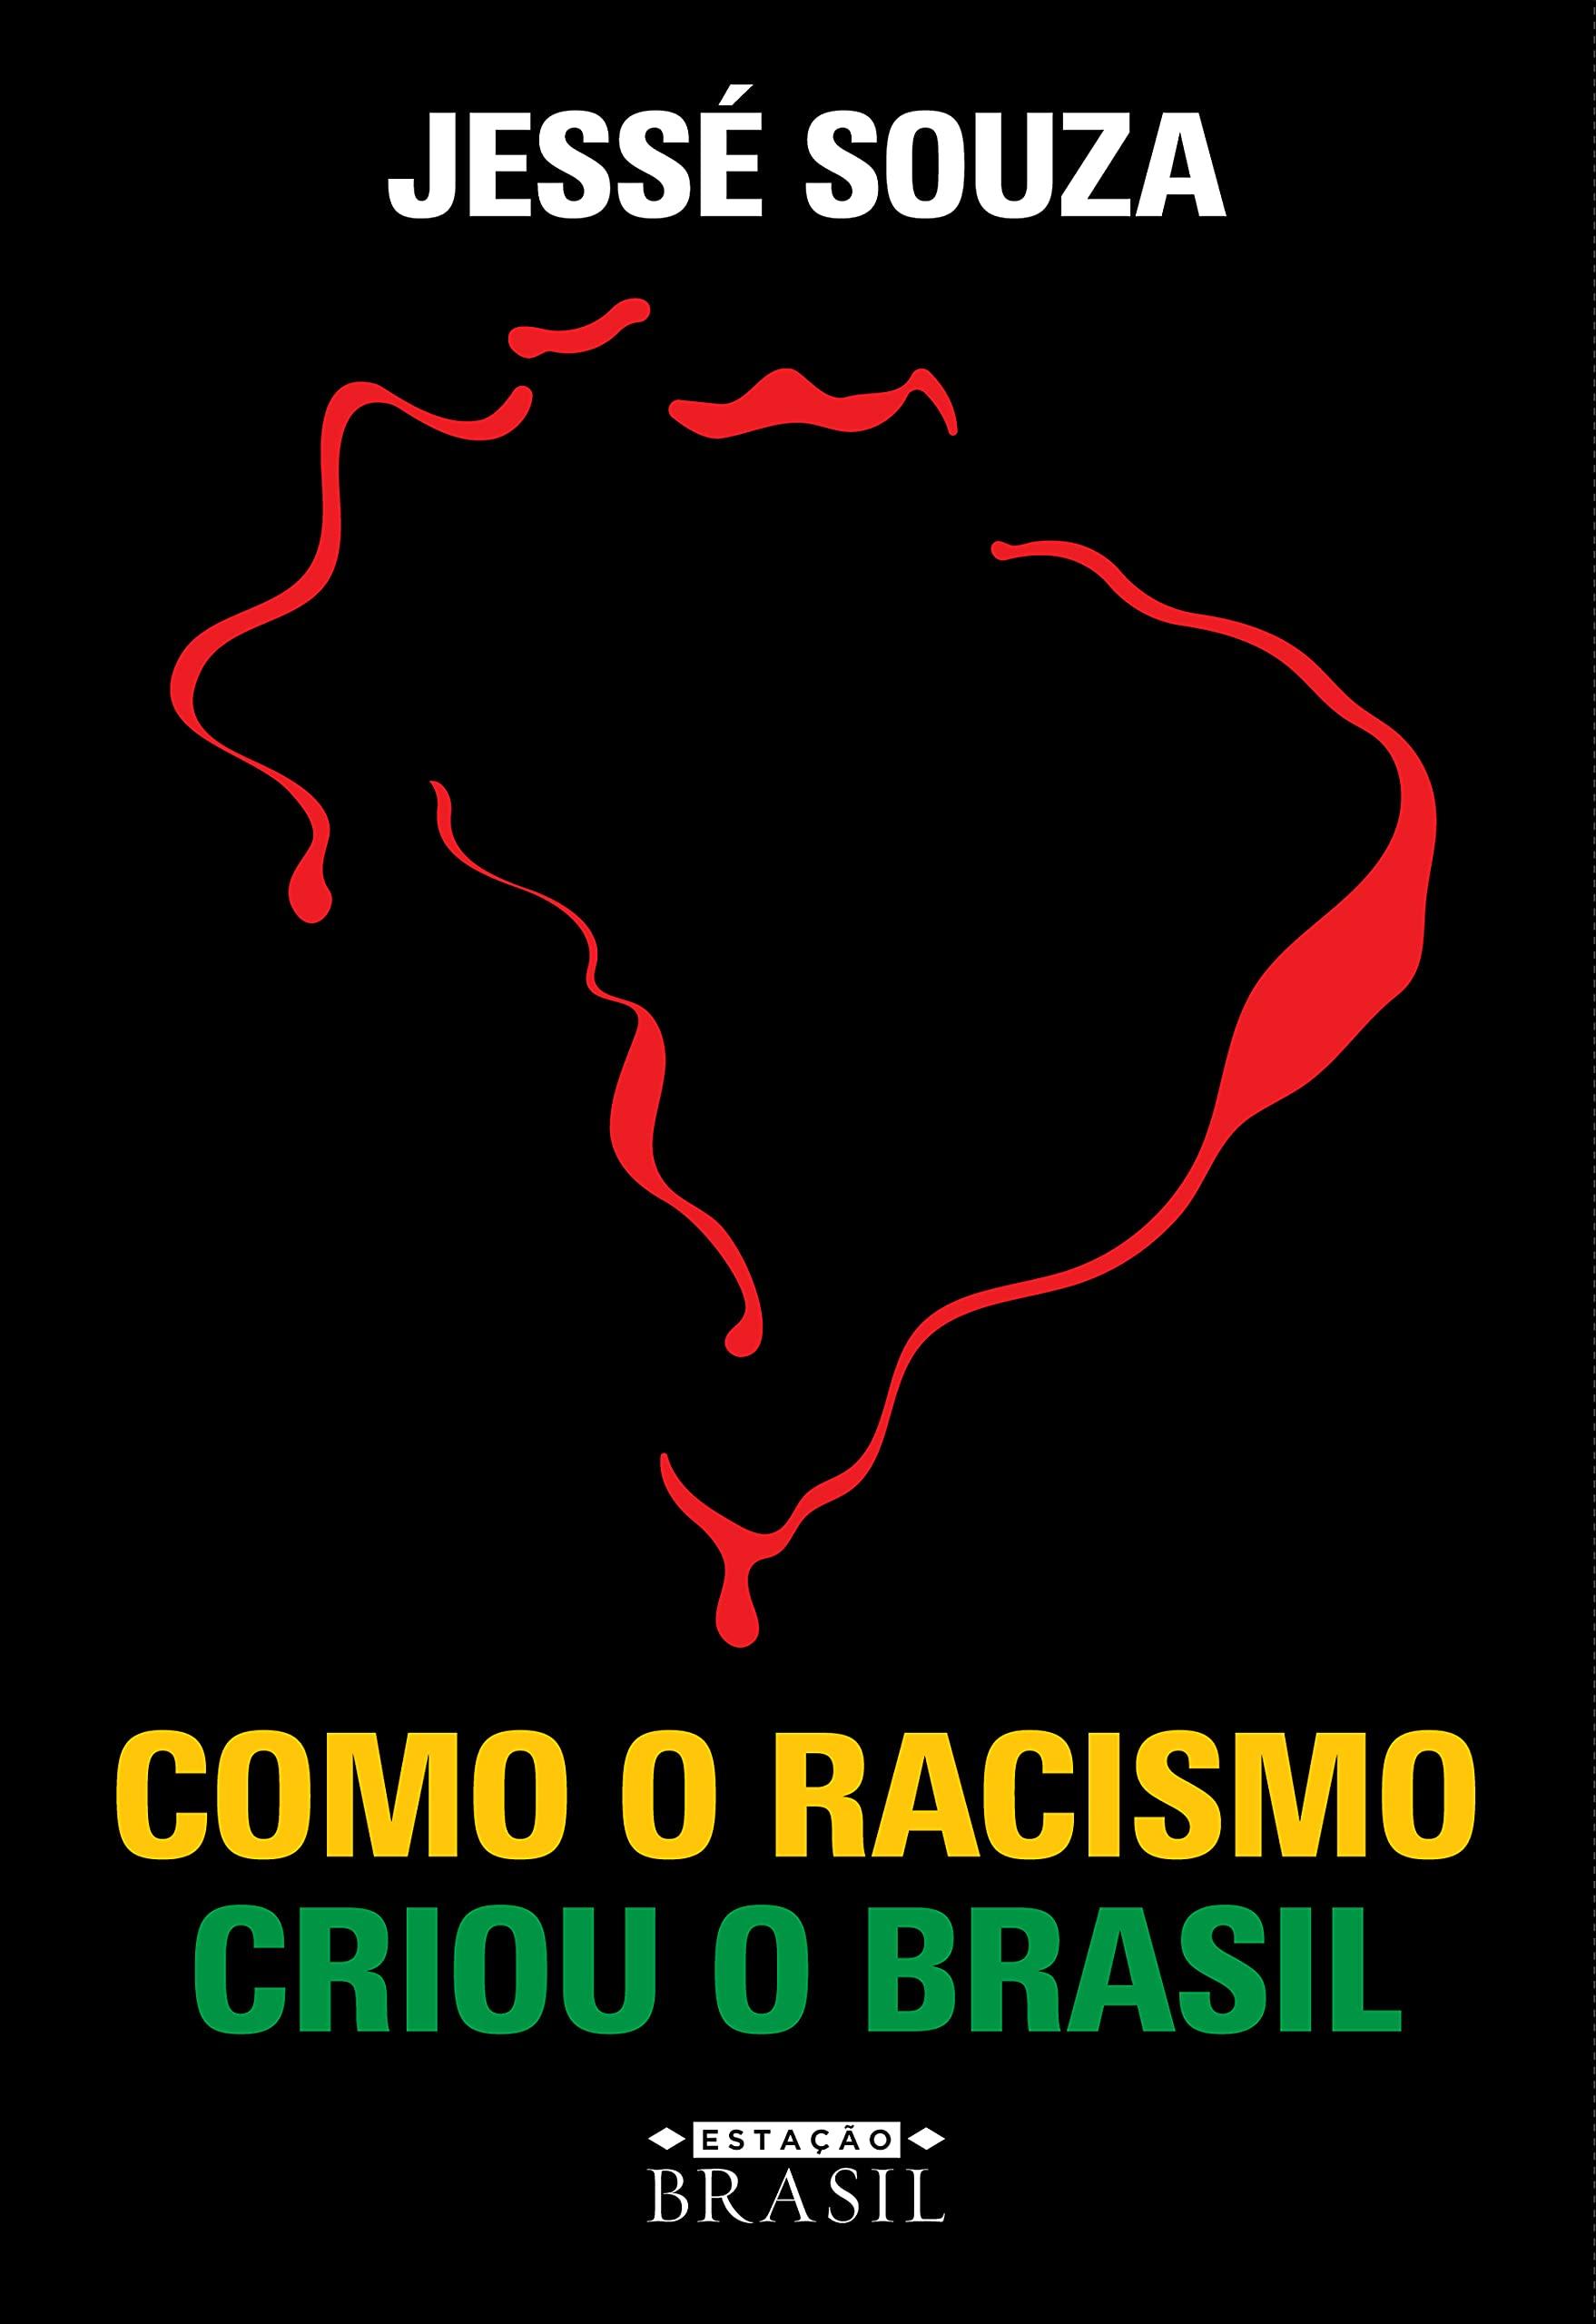 Crédito: Reprodução / Estação Brasil